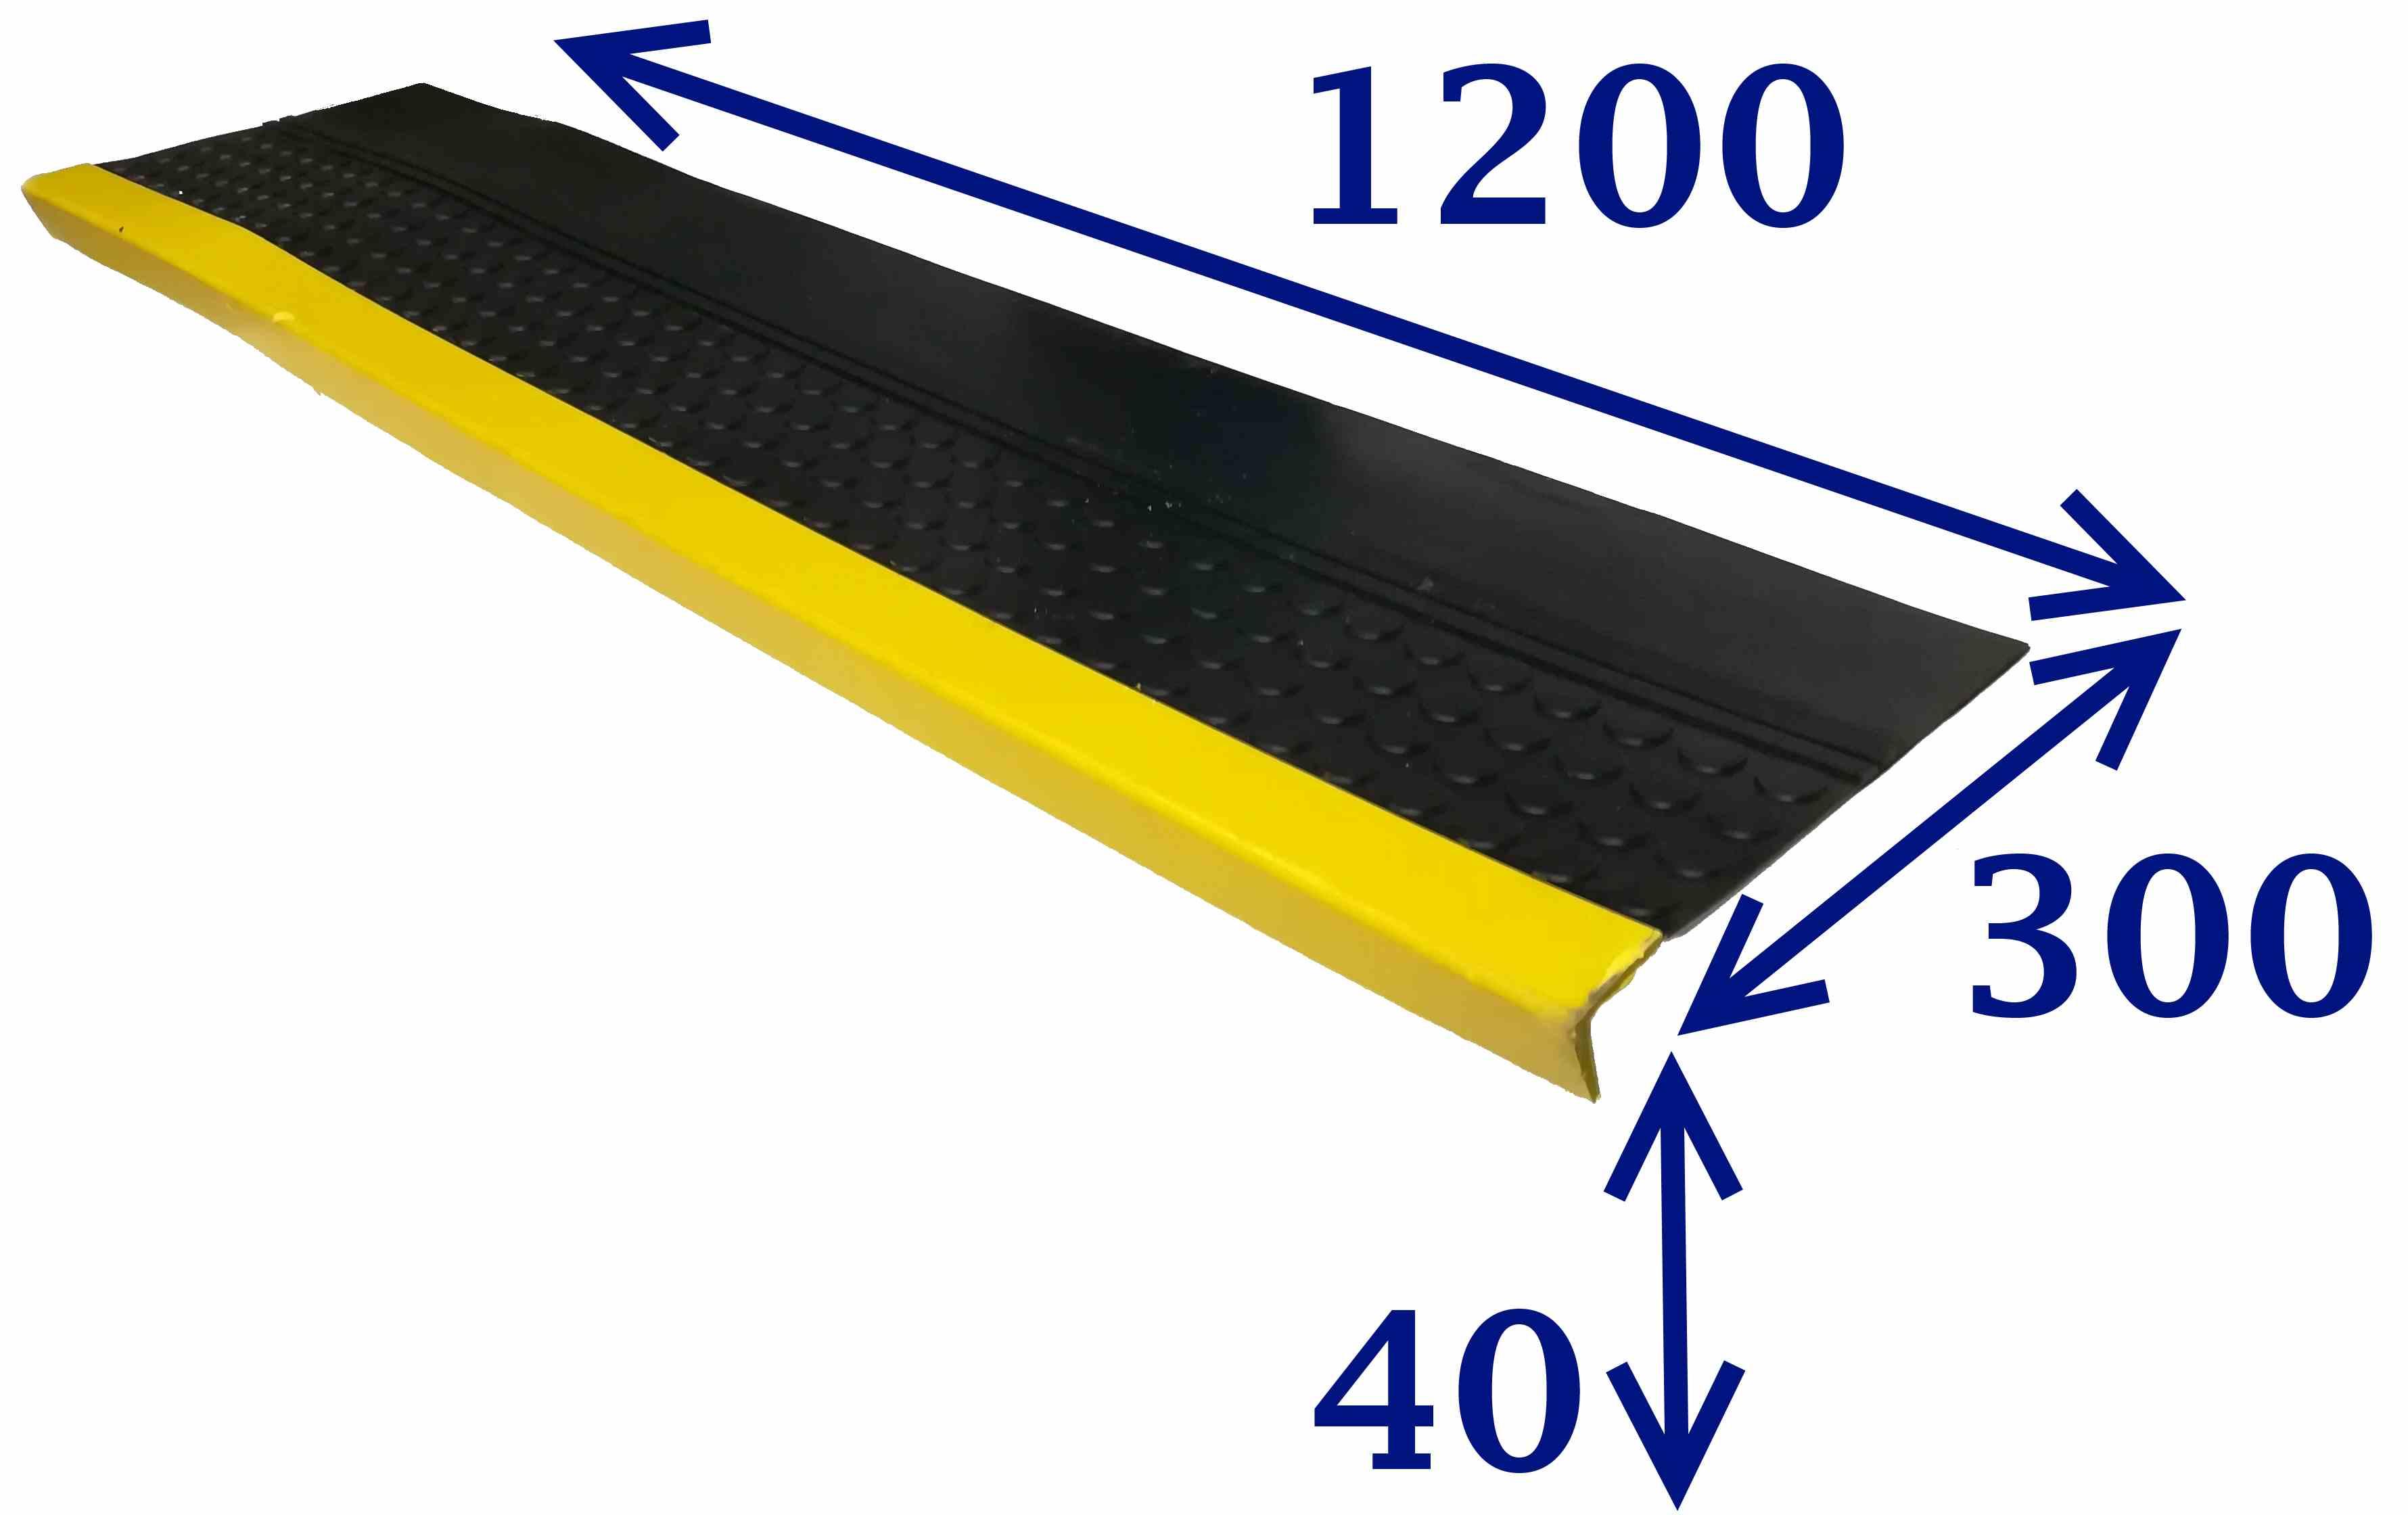 Проступь 1200х300х30 светофор мелкий рубчик